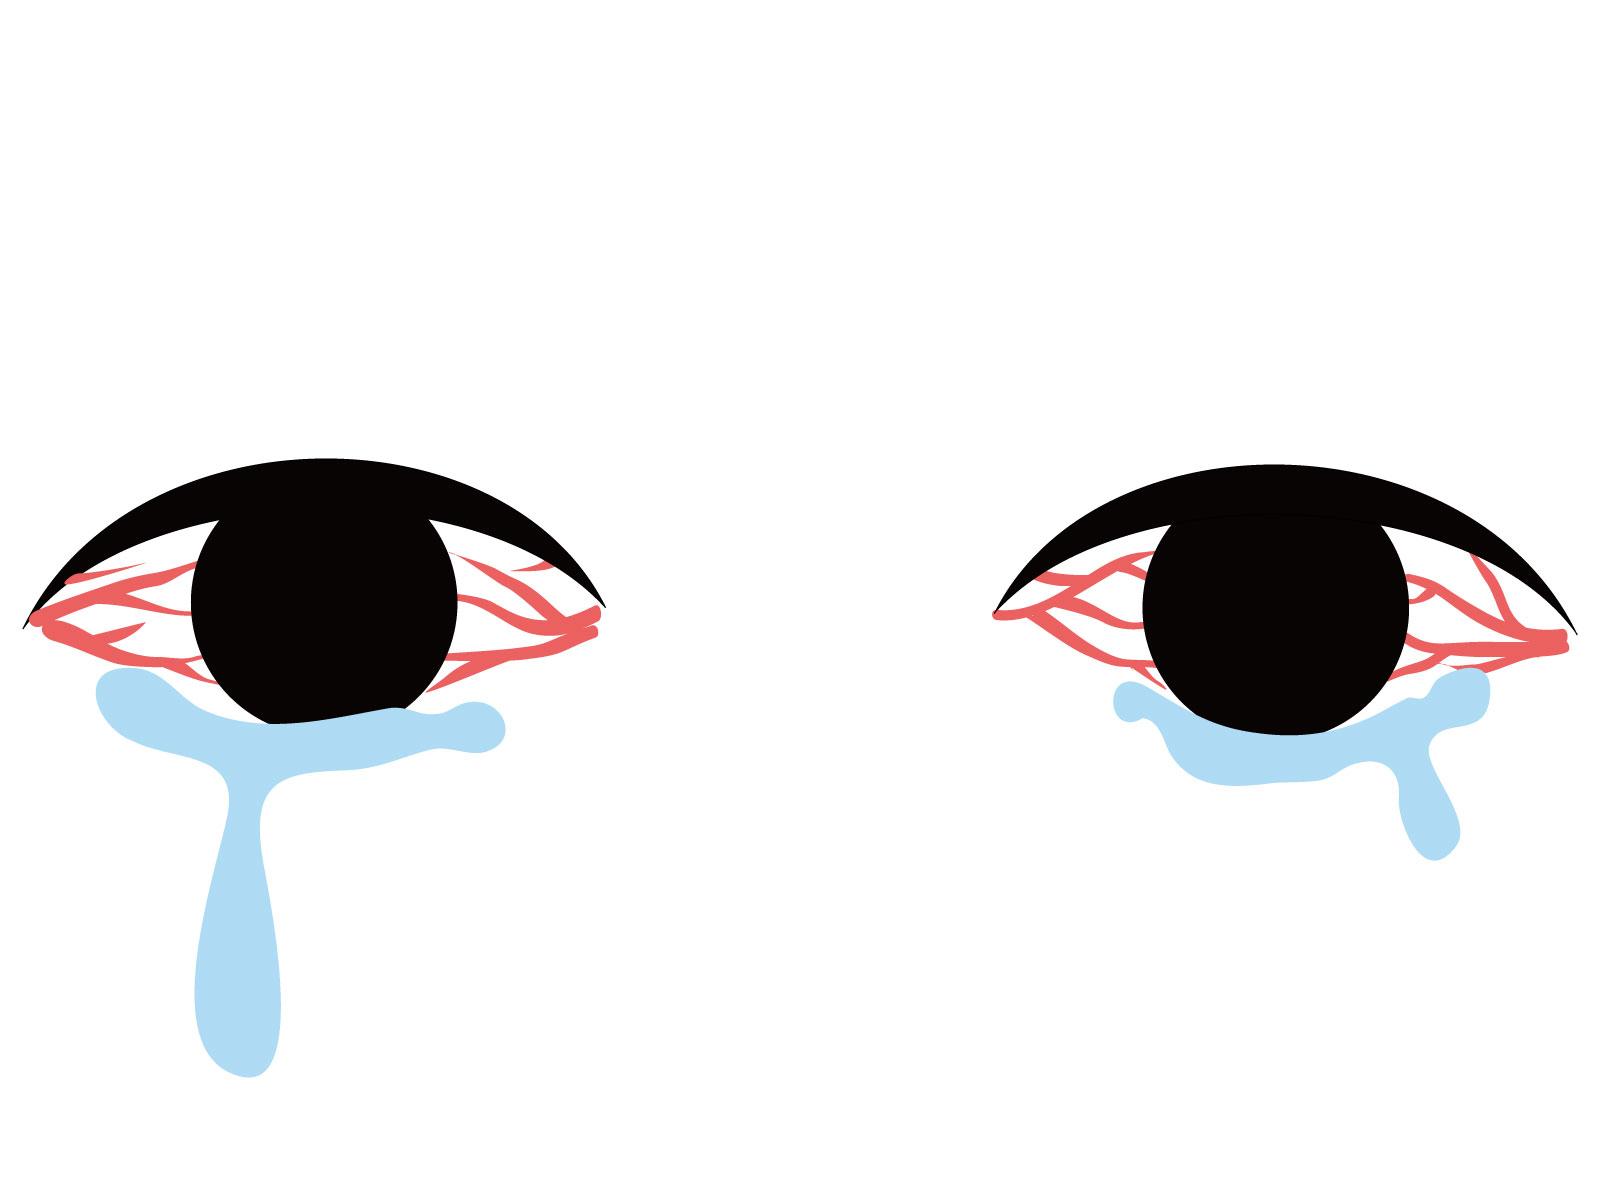 アレルギー性結膜炎と対処法・治療薬について解説【薬剤師監修】